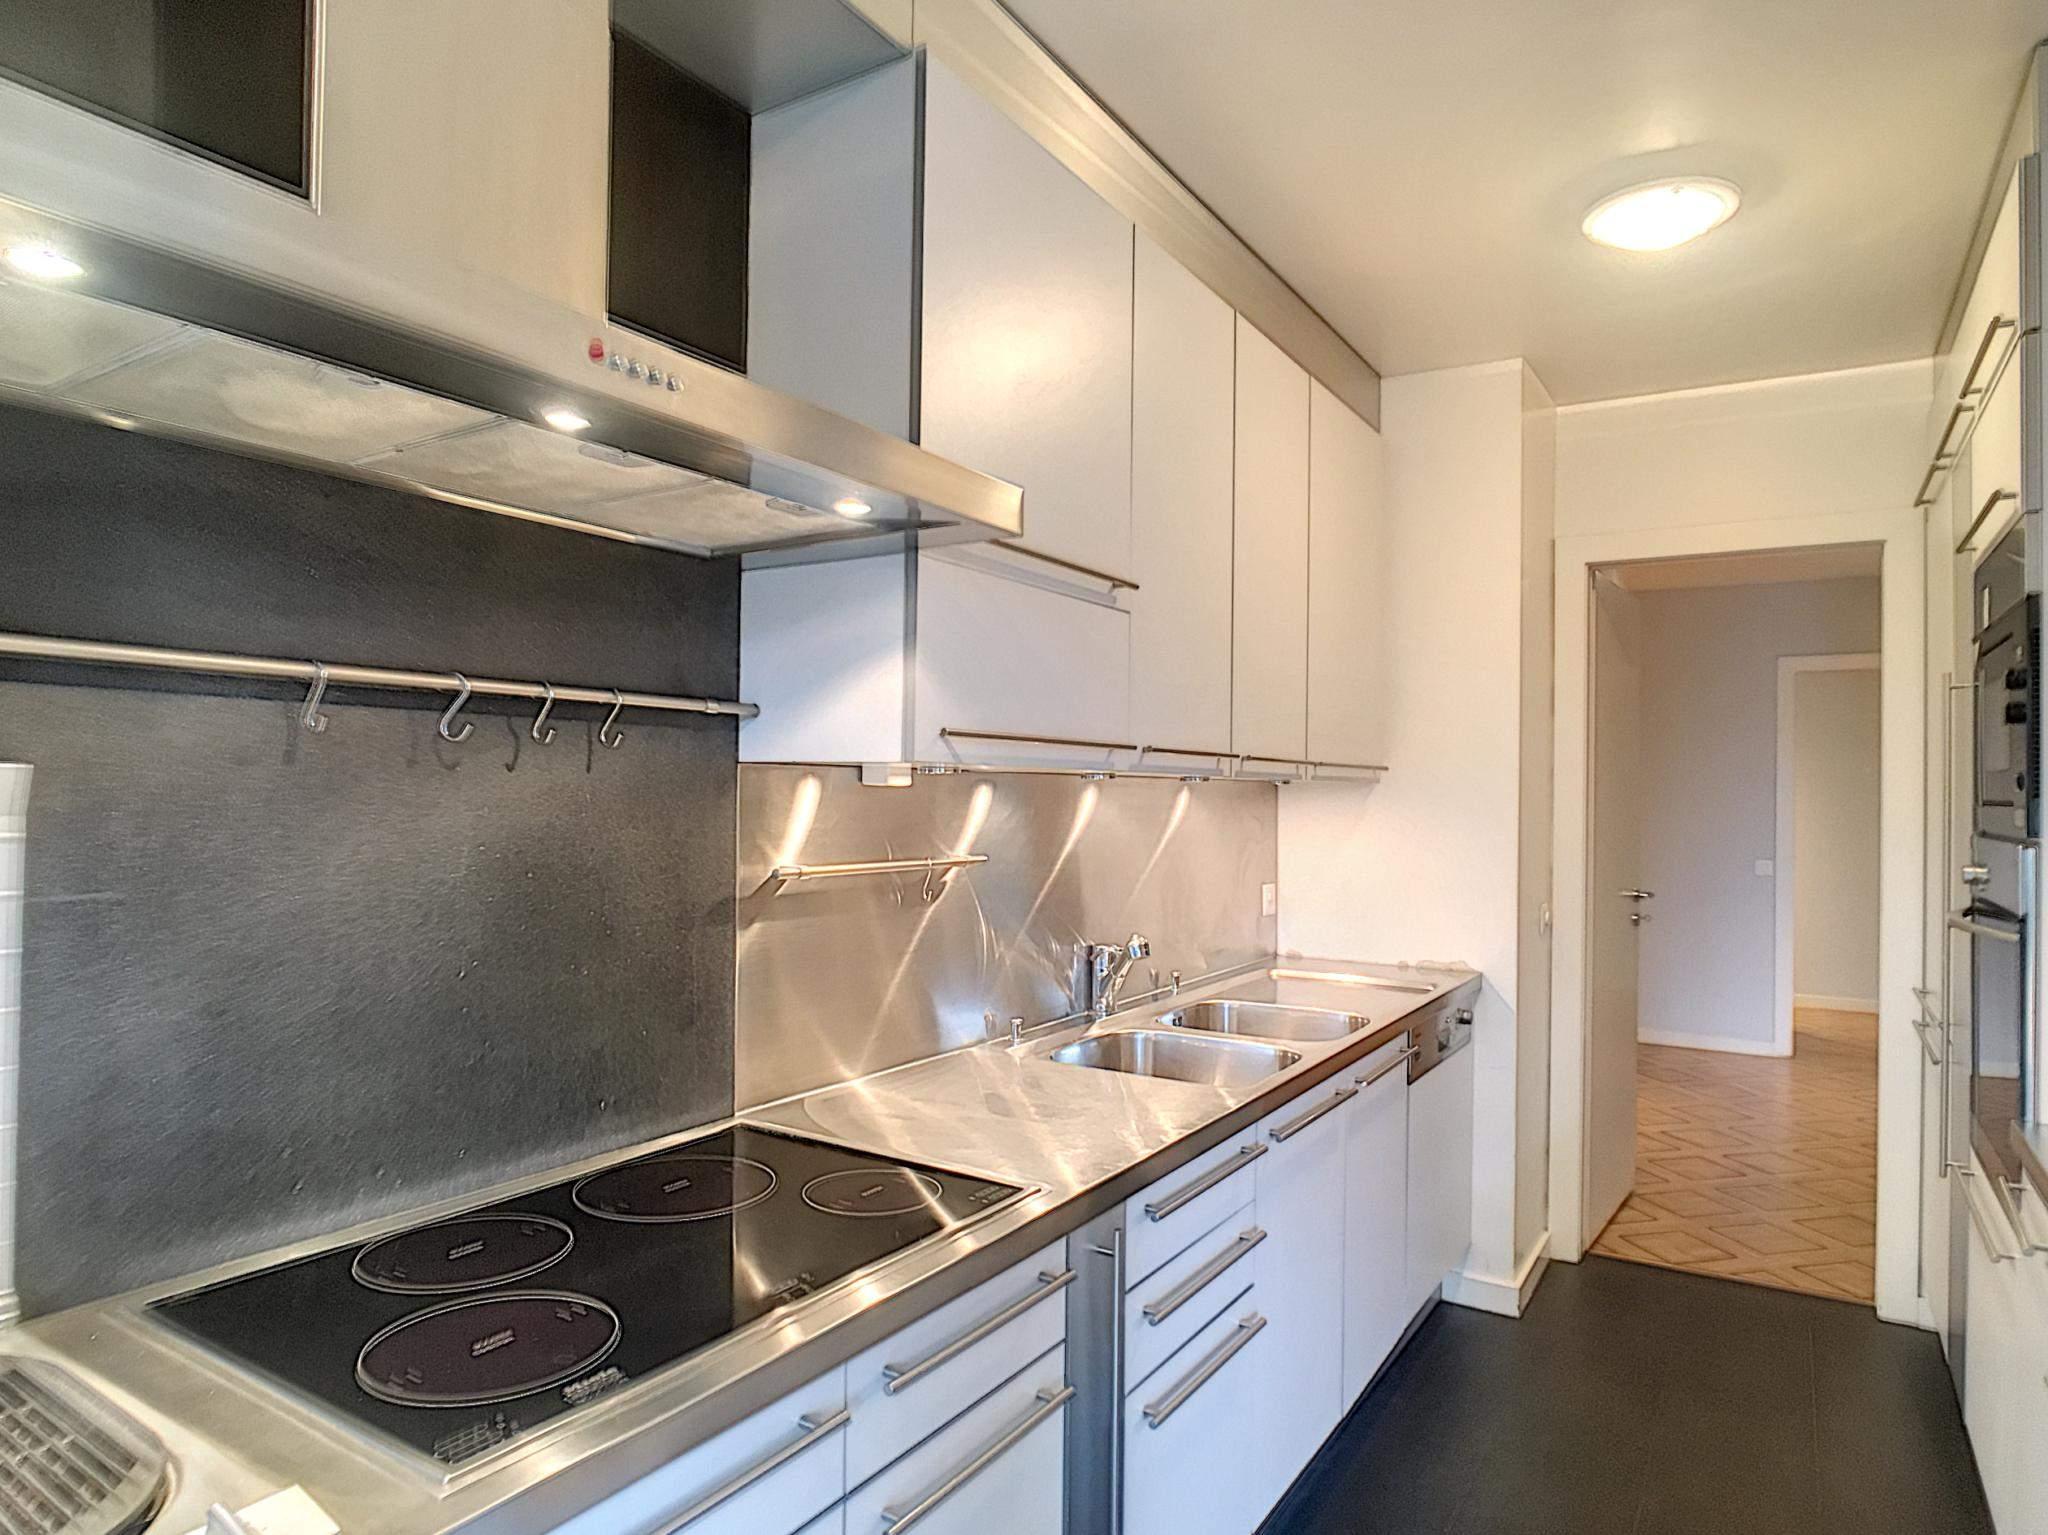 Florissant - Superbe appartement traversant de standing avec 3 chambres picture 2